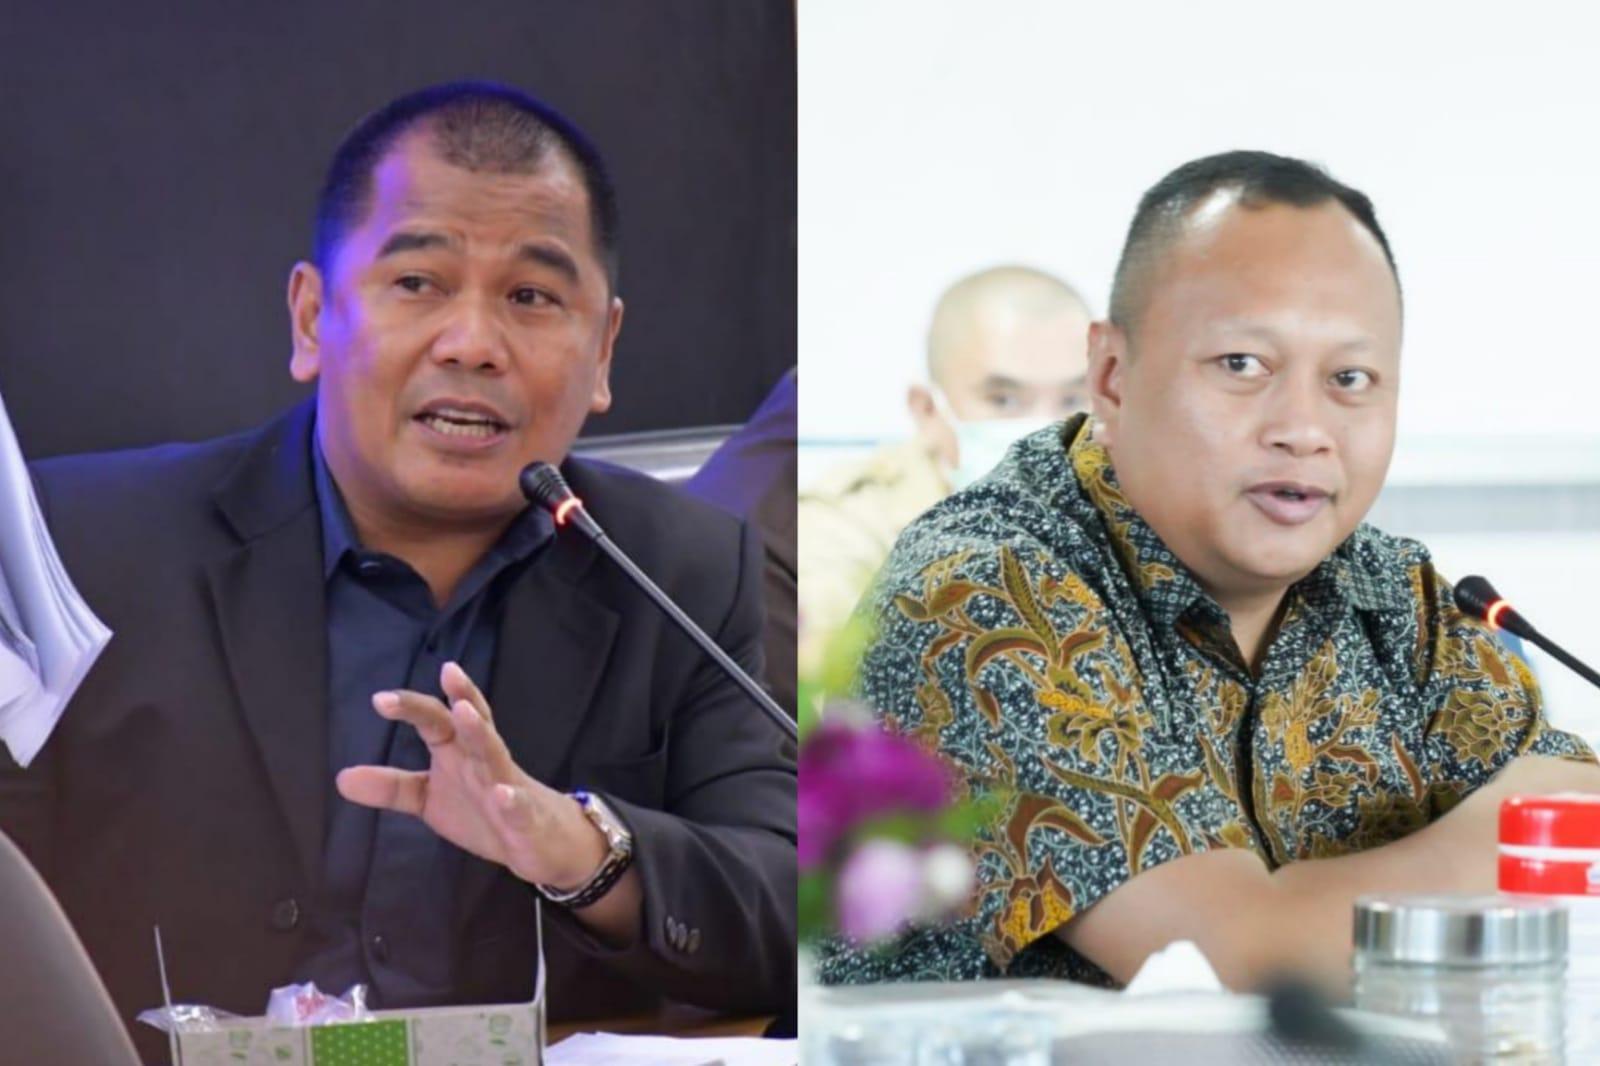 Sekreatris Fraksi Partai Golkar Sulsel Rahman Pina dan Ketua Fraksi Partai Nasdem Sulsel Ady Ansar (batik) berbeda pandangan dalam menyikapi LKPJ Gubernur 2020. (Dok)